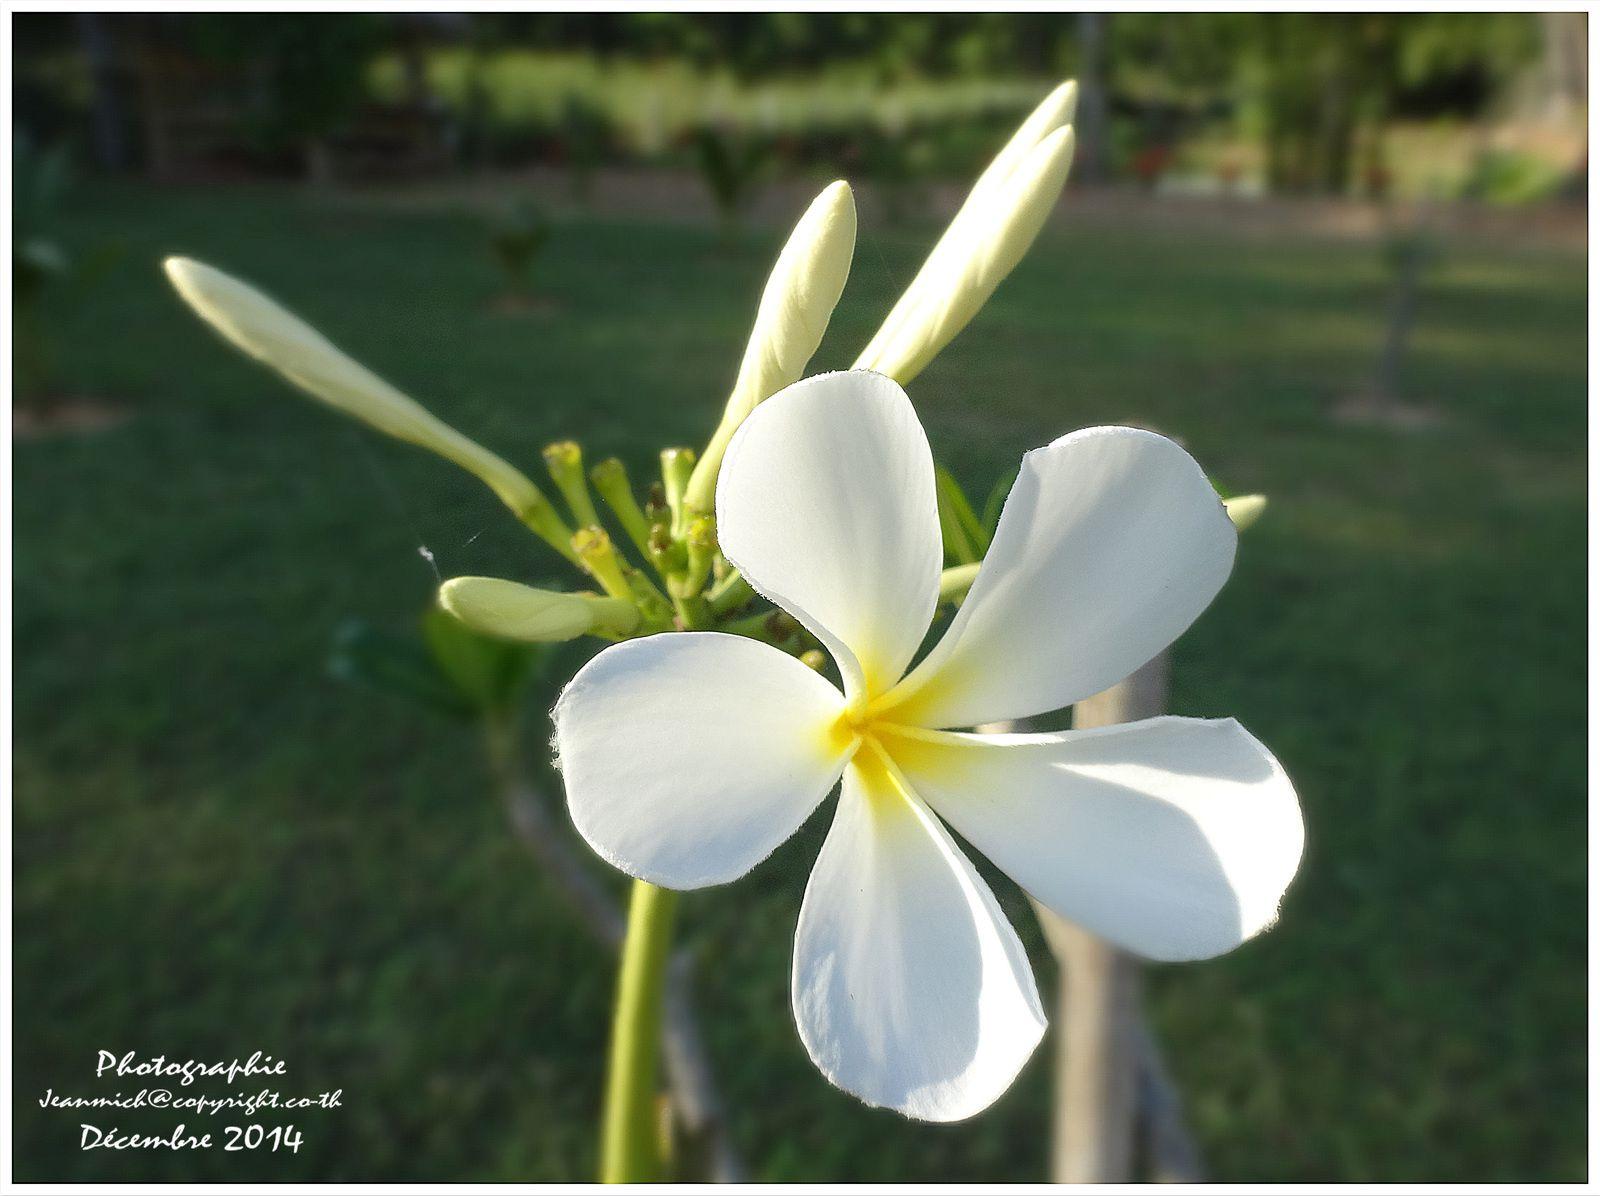 Les frangipaniers actuellement ont presque tout perdu leurs feuilles, cela ne les empêche pas de fleurir...